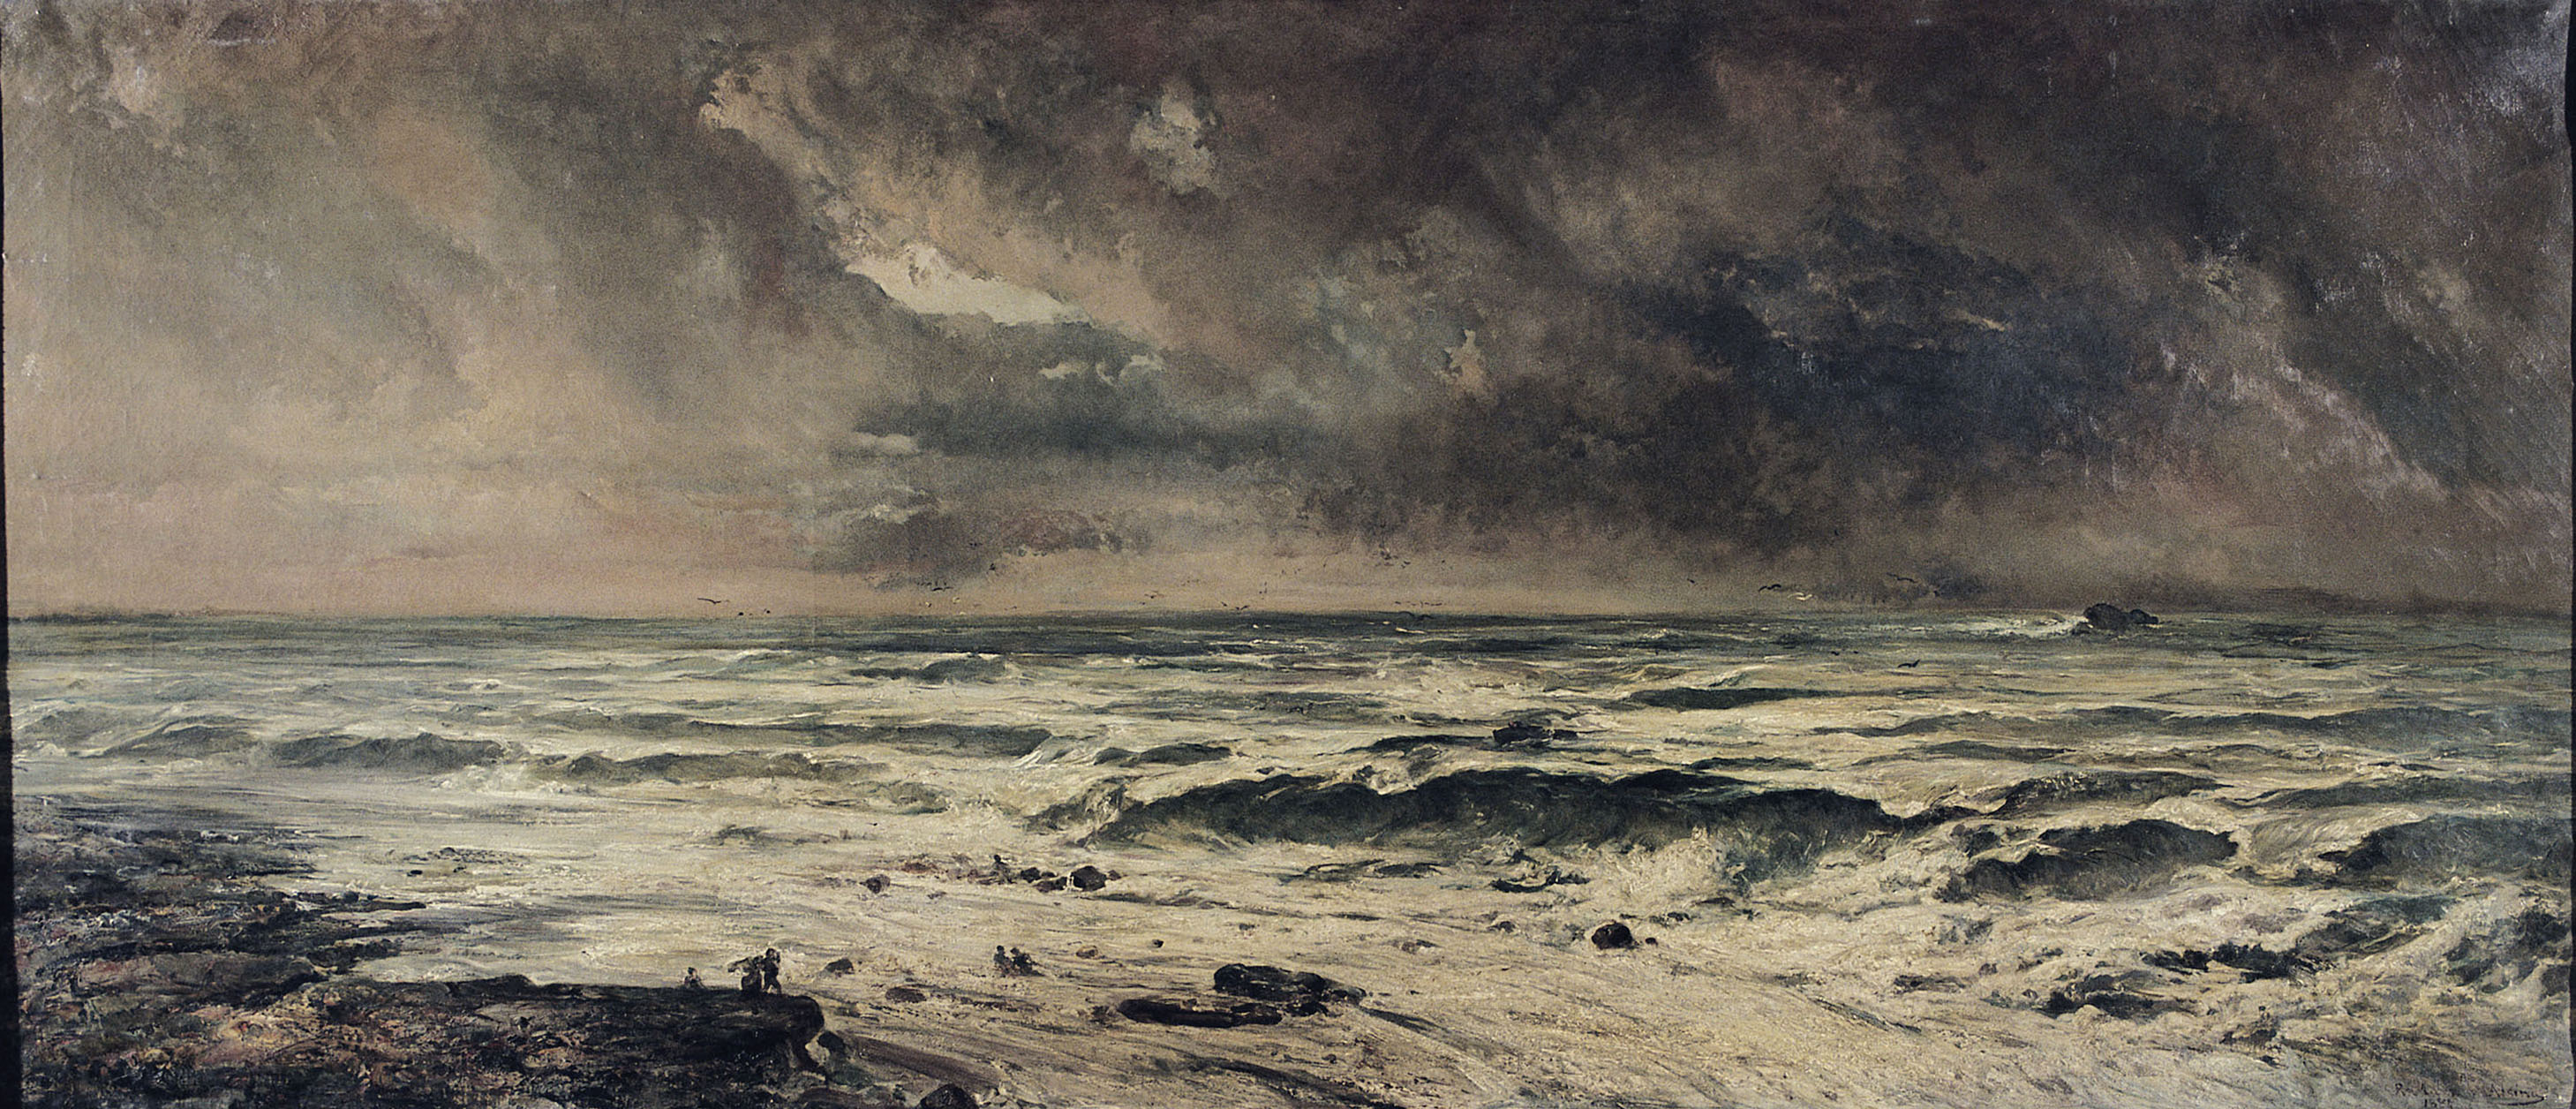 Ramon Martí i Alsina - Naufragi - 1884